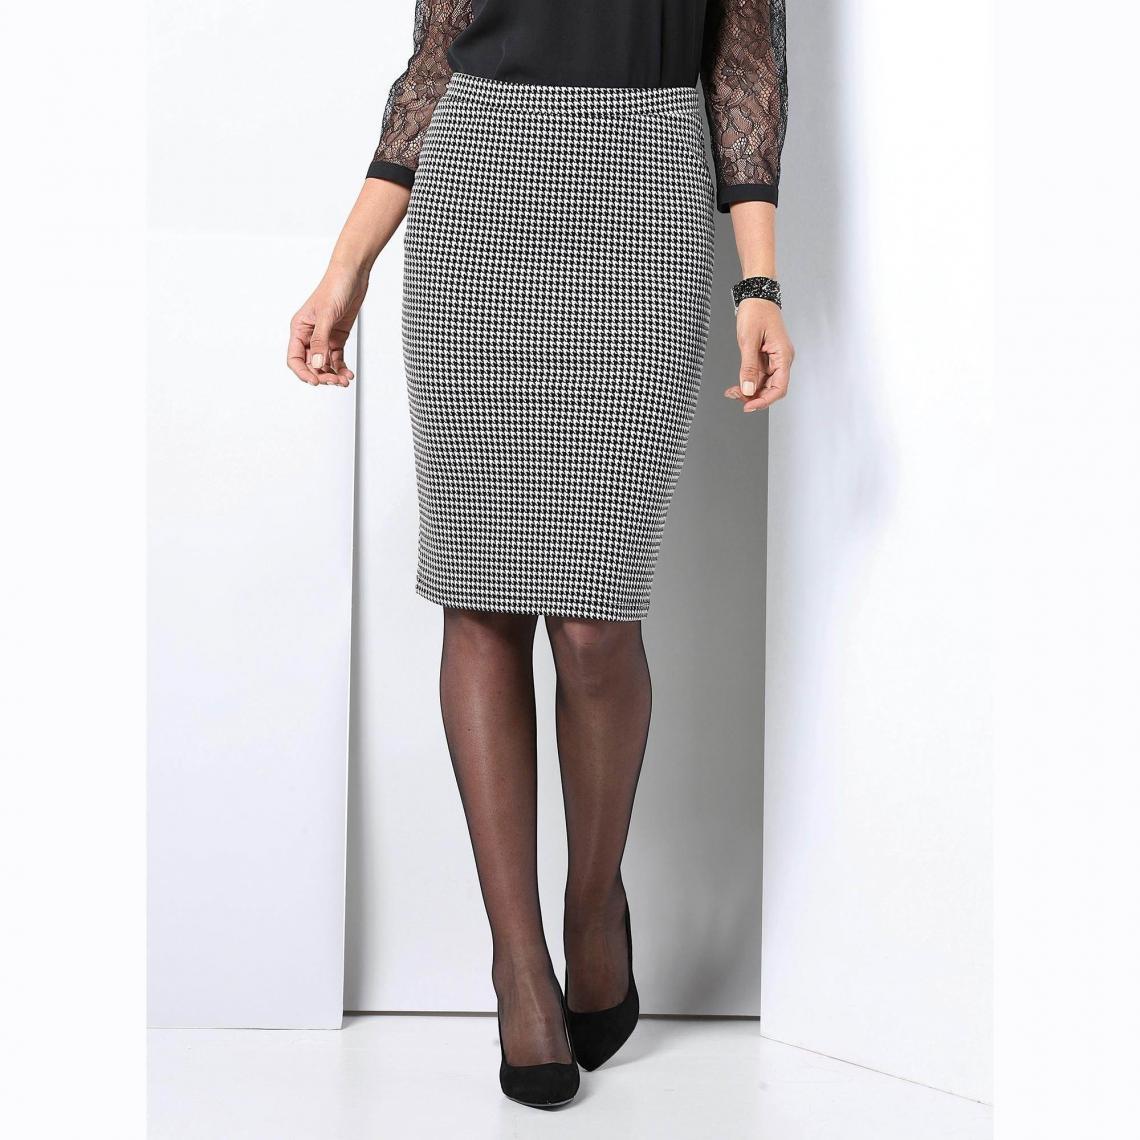 88fb4d5b682c29 Jupe crayon courte taille élastique femme - Écru - Noir | 3 SUISSES